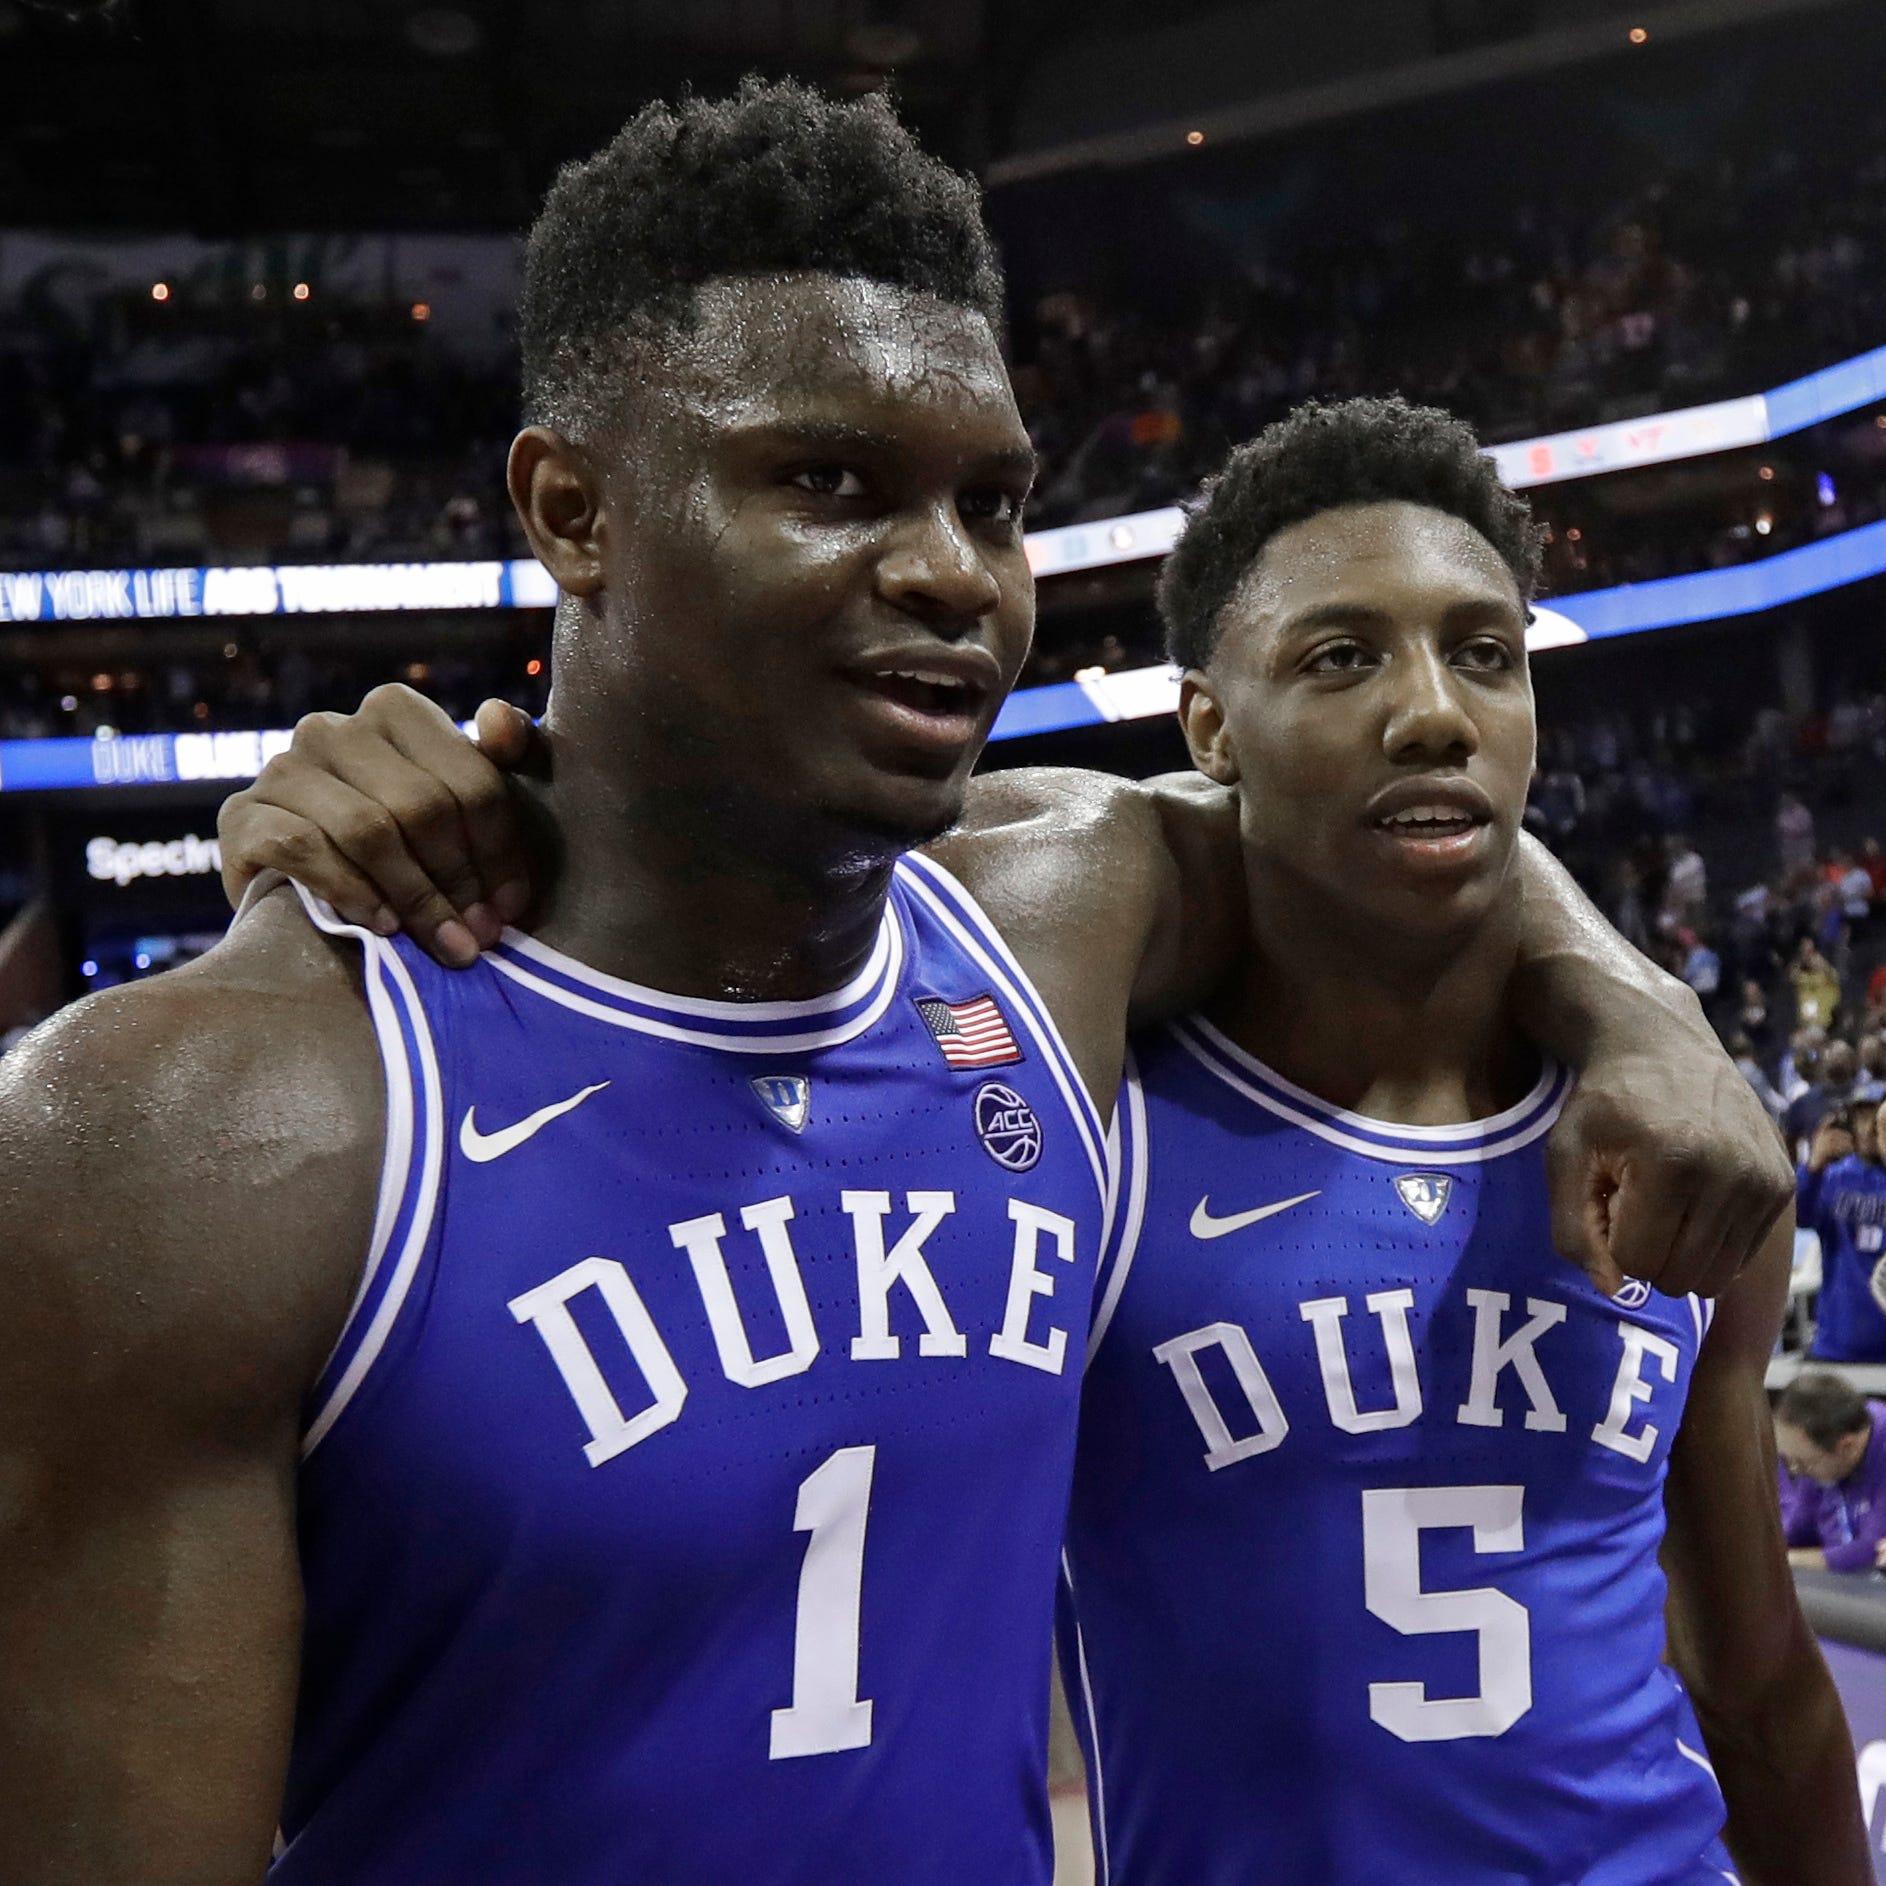 2019 NBA Mock Draft, post-national championship edition